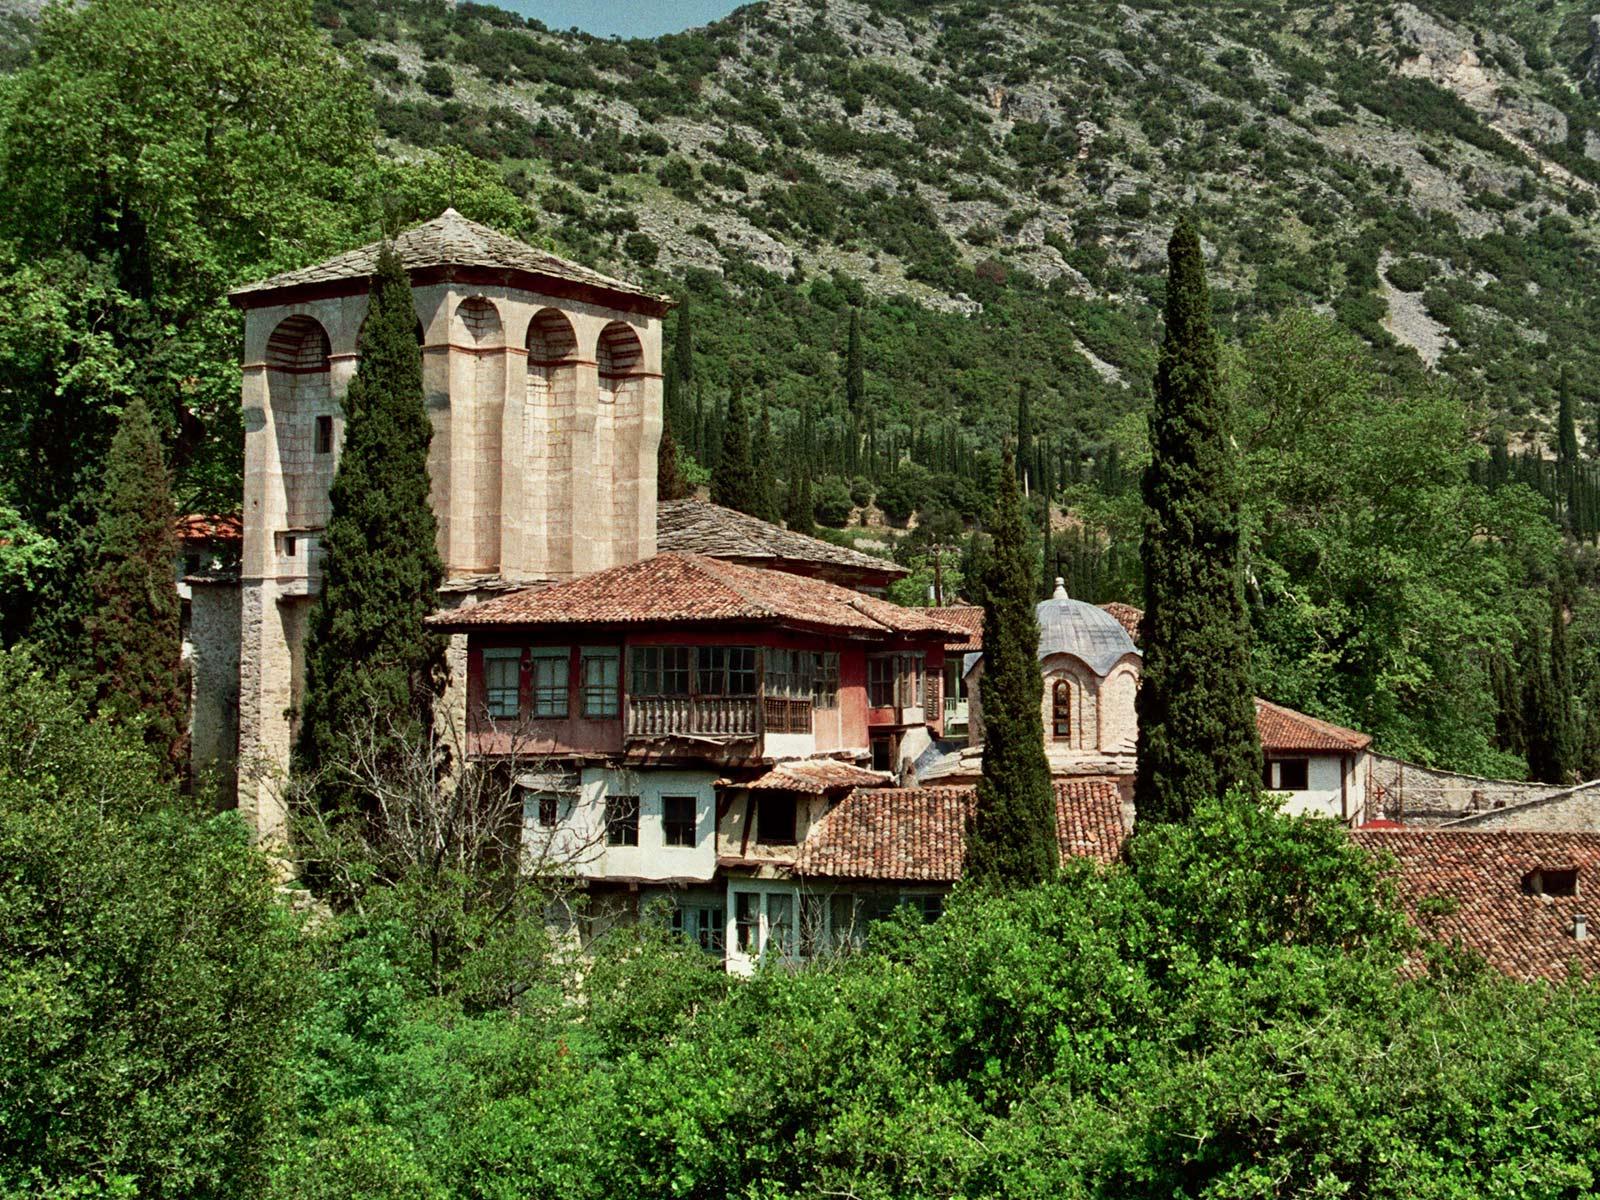 Αποτέλεσμα εικόνας για μοναστηρια